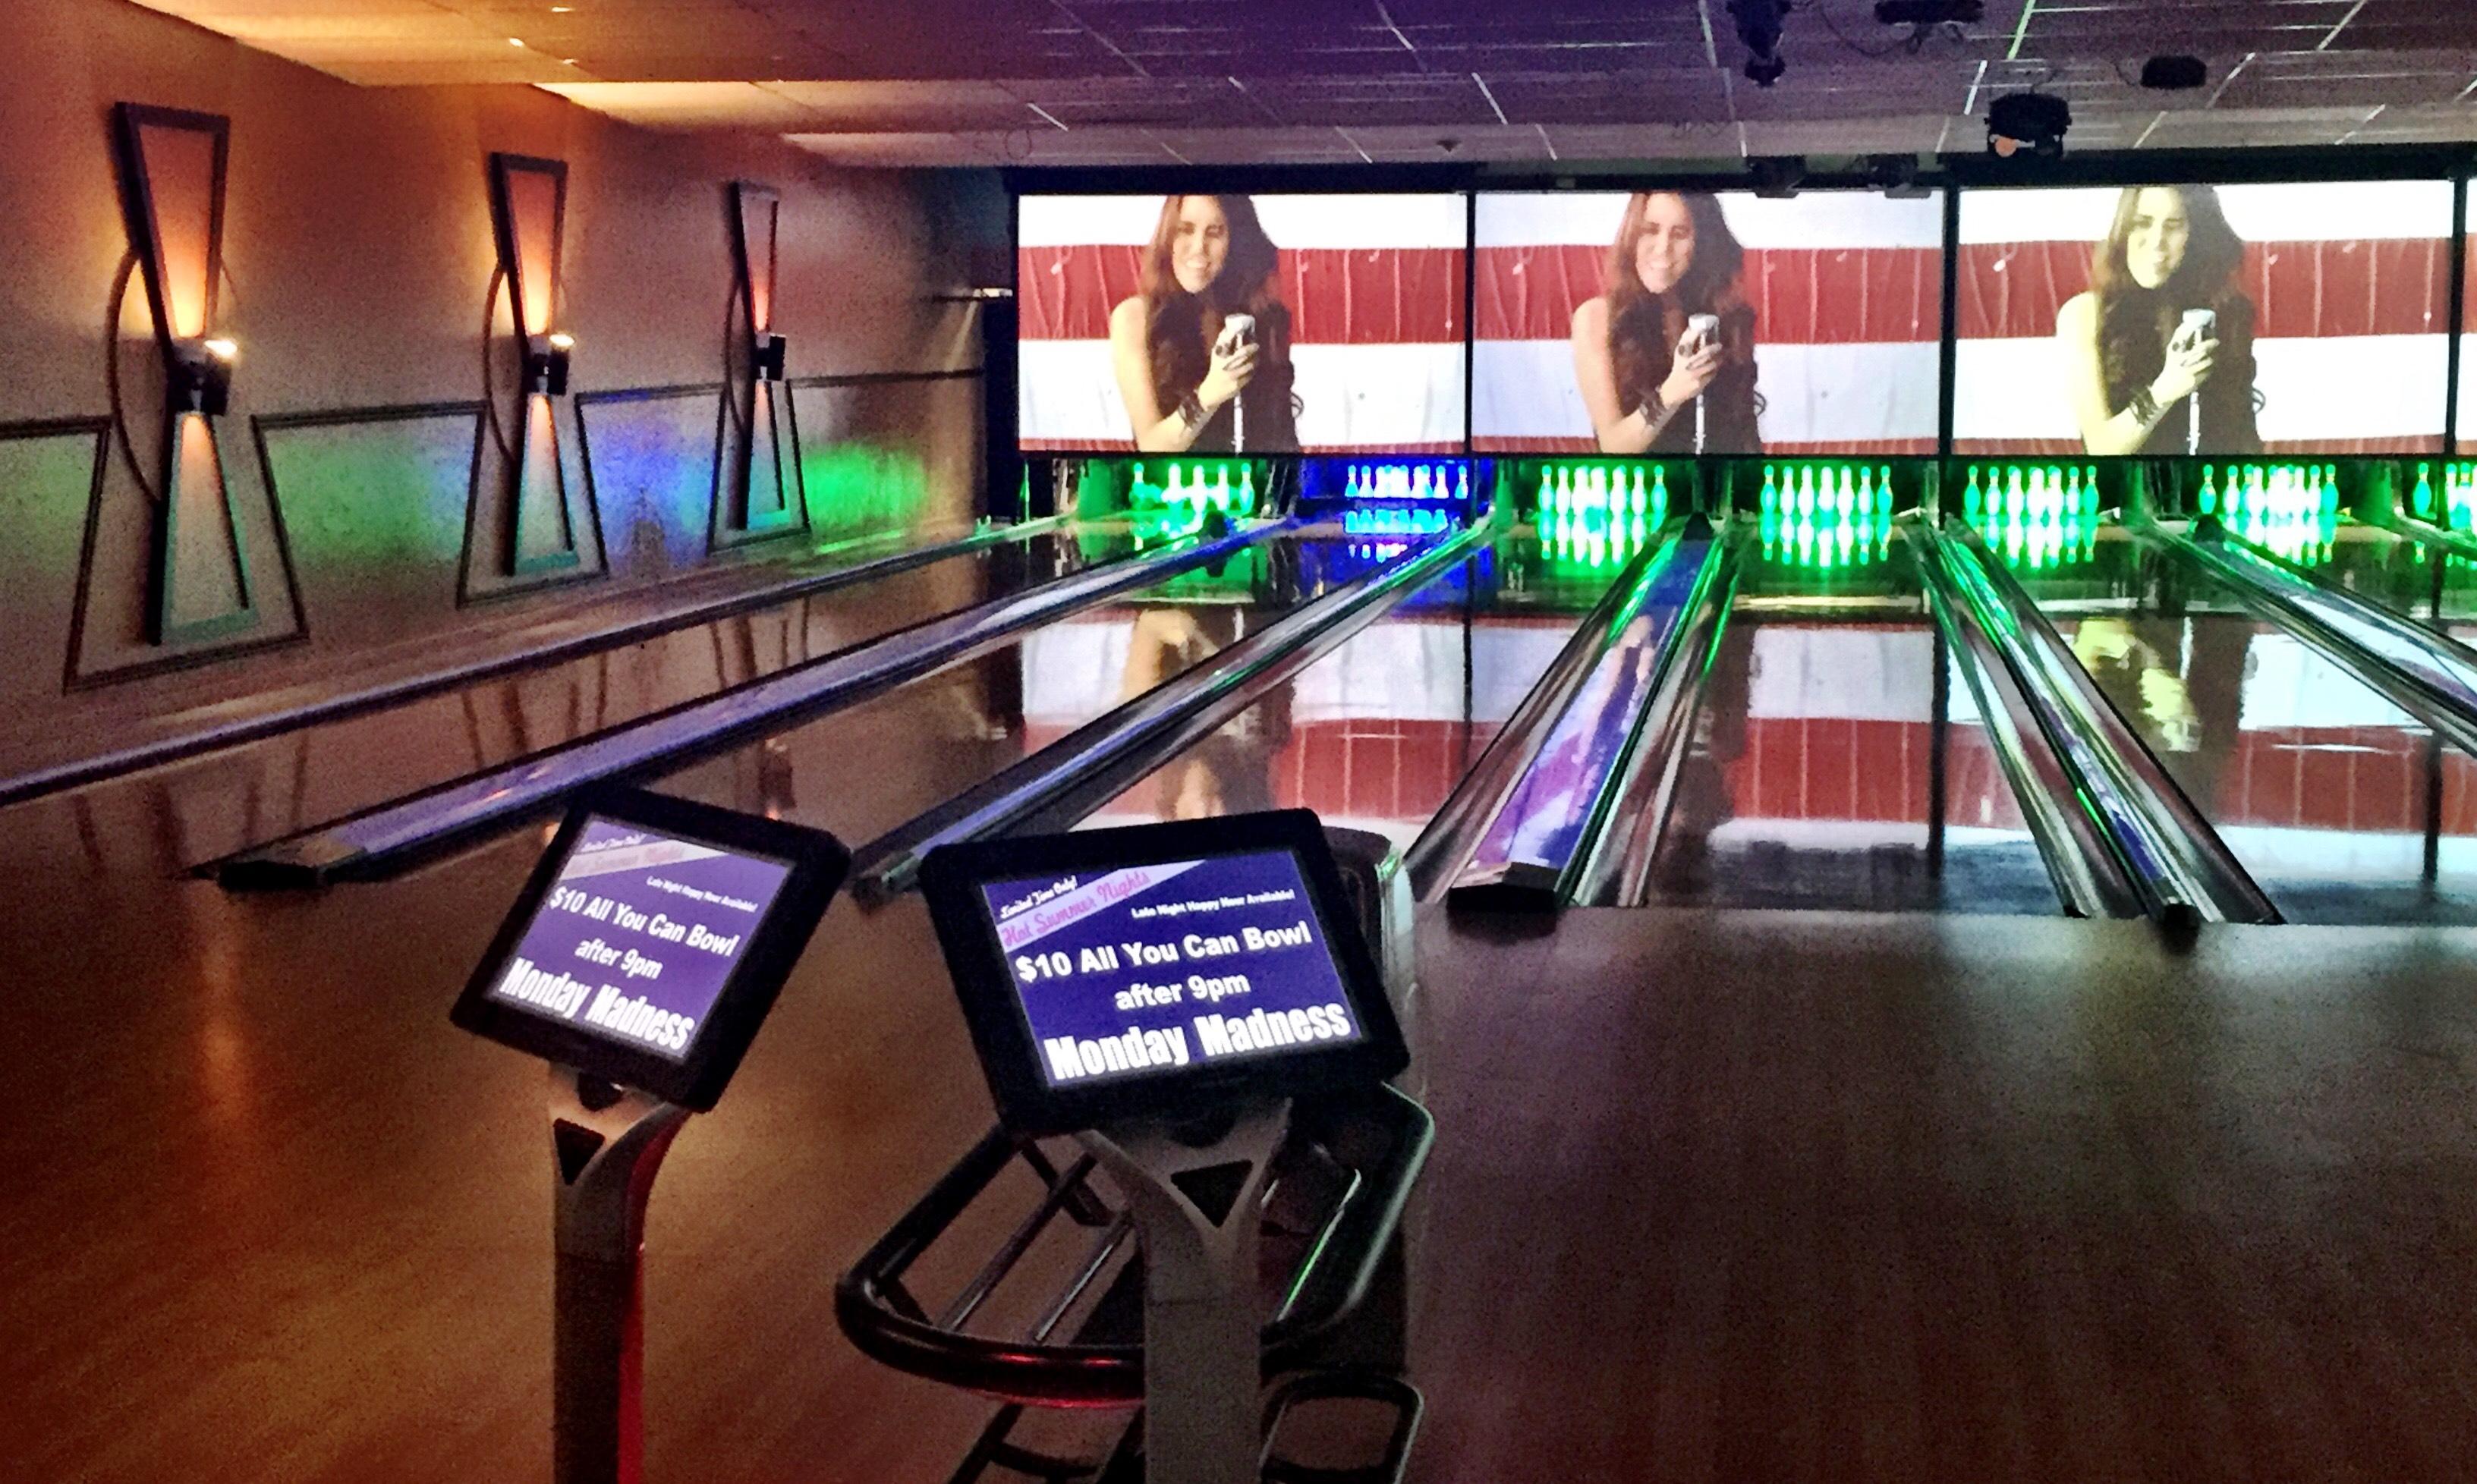 Bowland Beacon reviews | Bowling at 5400 Tamiami Trail N